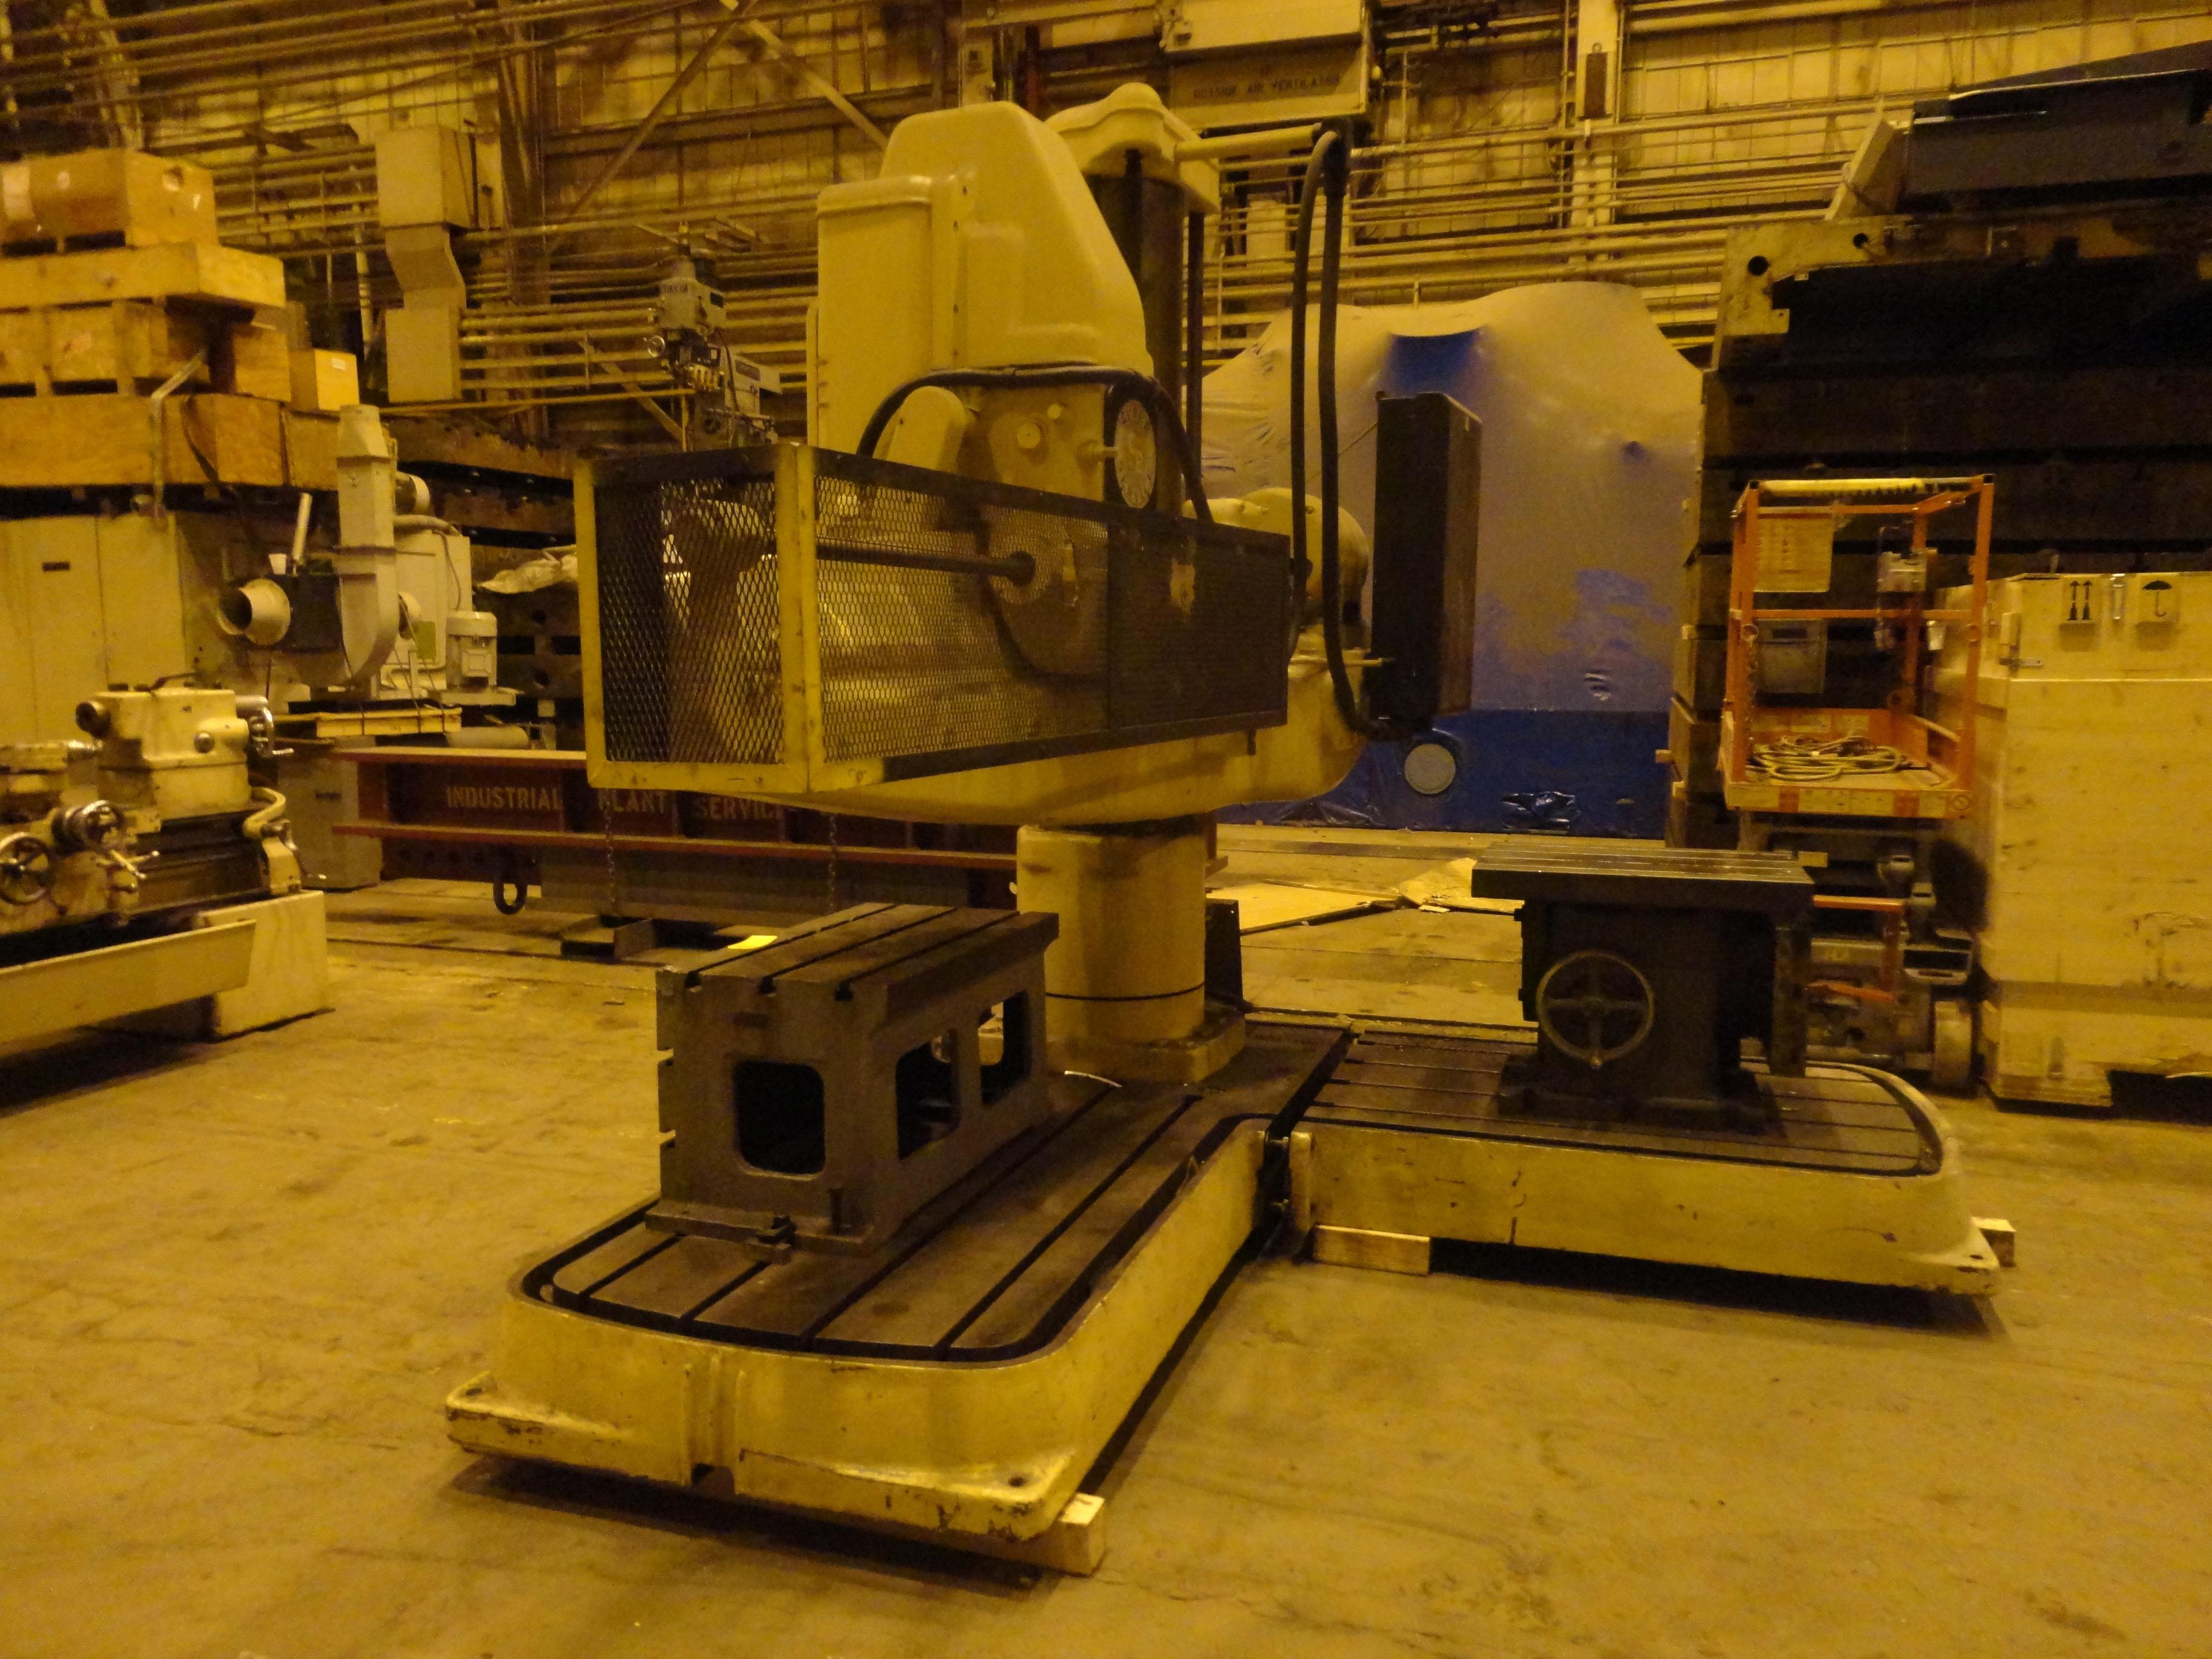 Cincinnati Brickford Radial Drill - Image 4 of 5